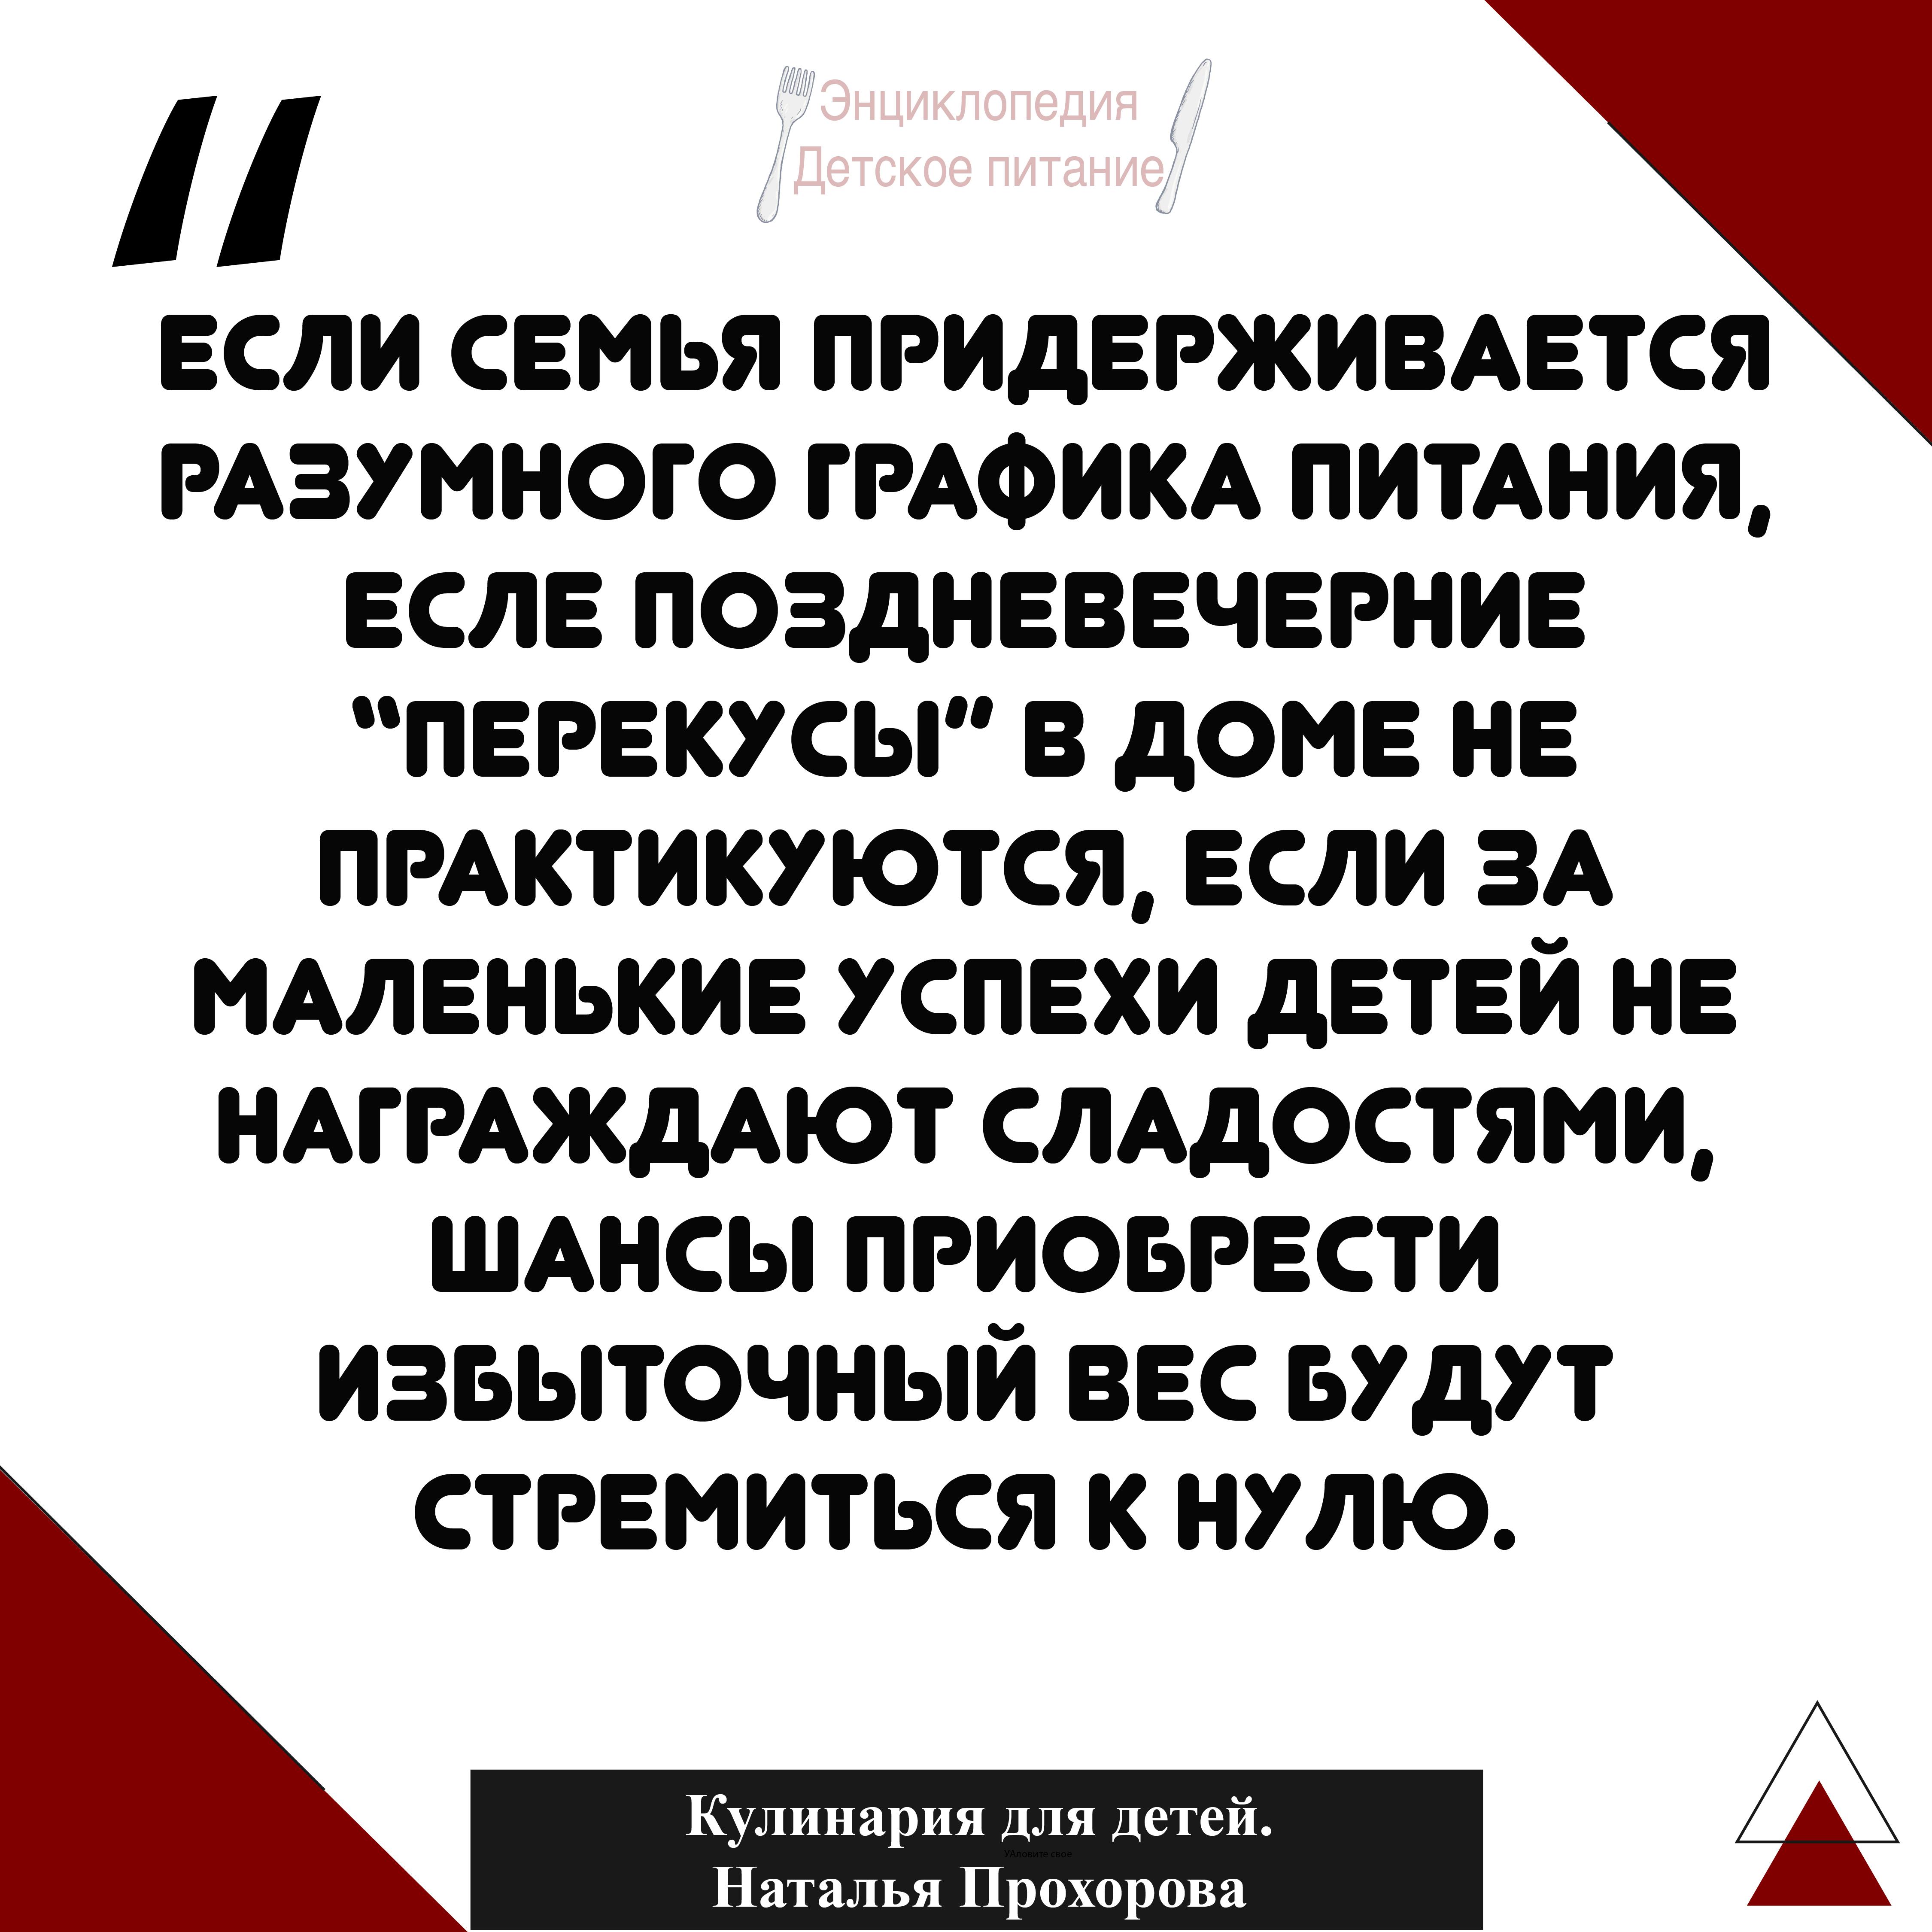 Кулинария для детей. Наталья Прохорова.